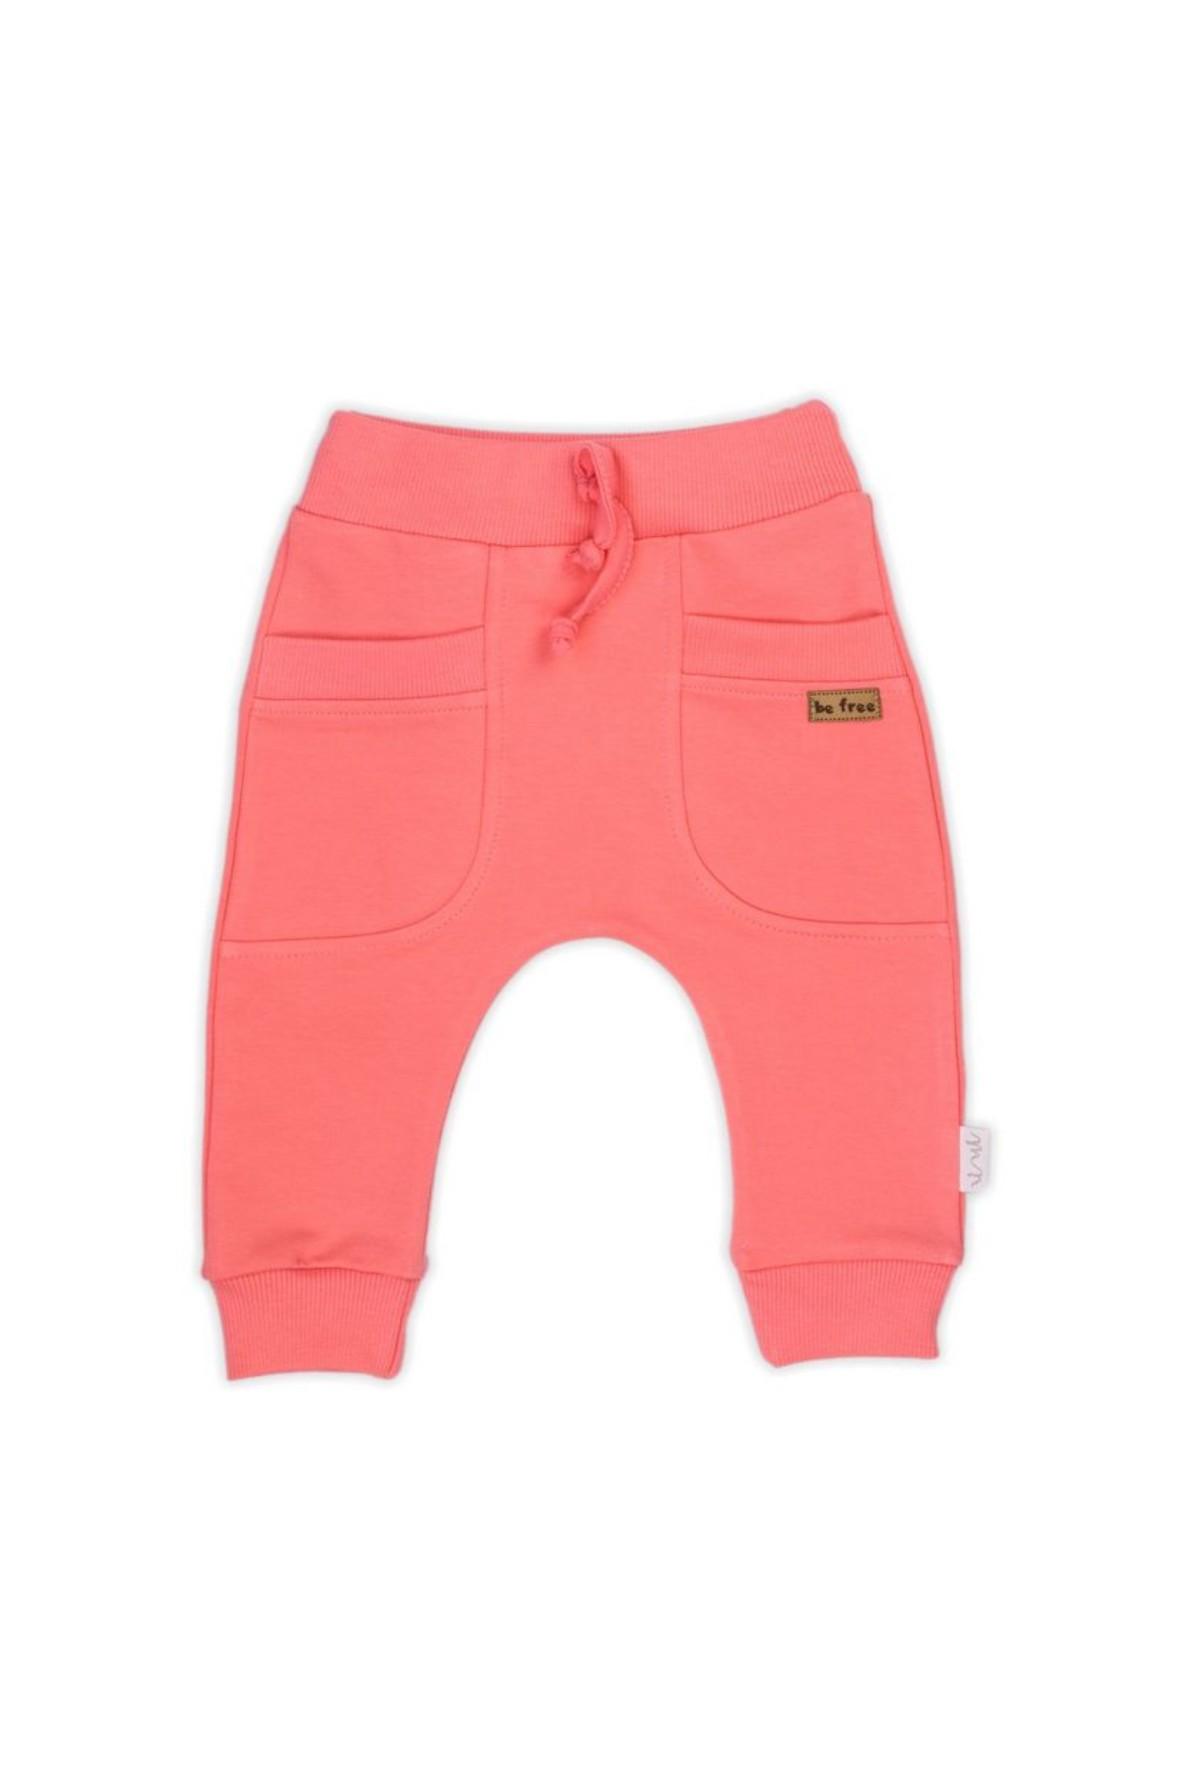 Koralowe spodnie dresowe dla dziewczynki